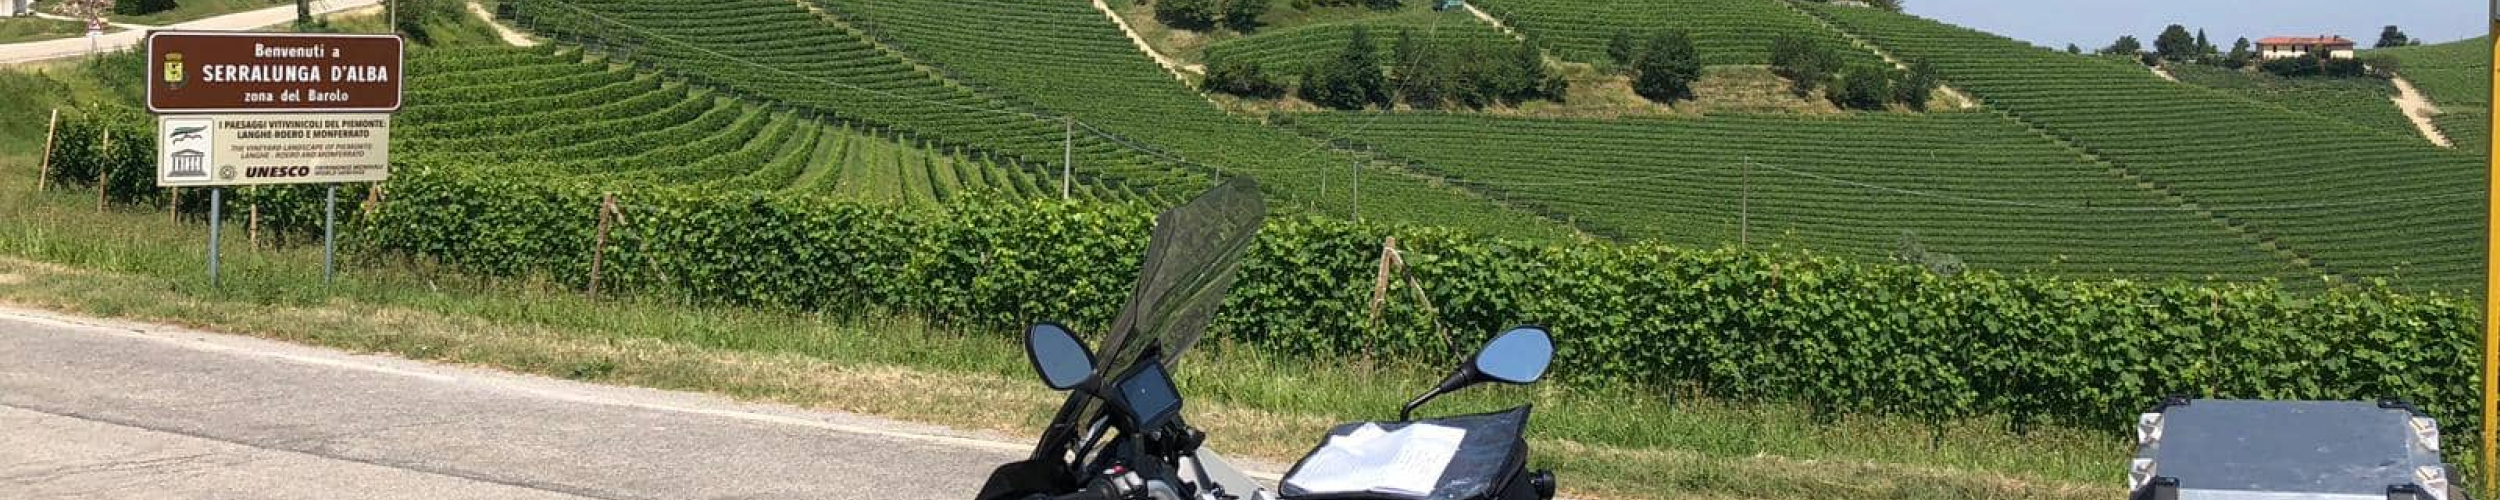 Motorvakantie aan de Italiaanse Riviera | Motorreizen Italië